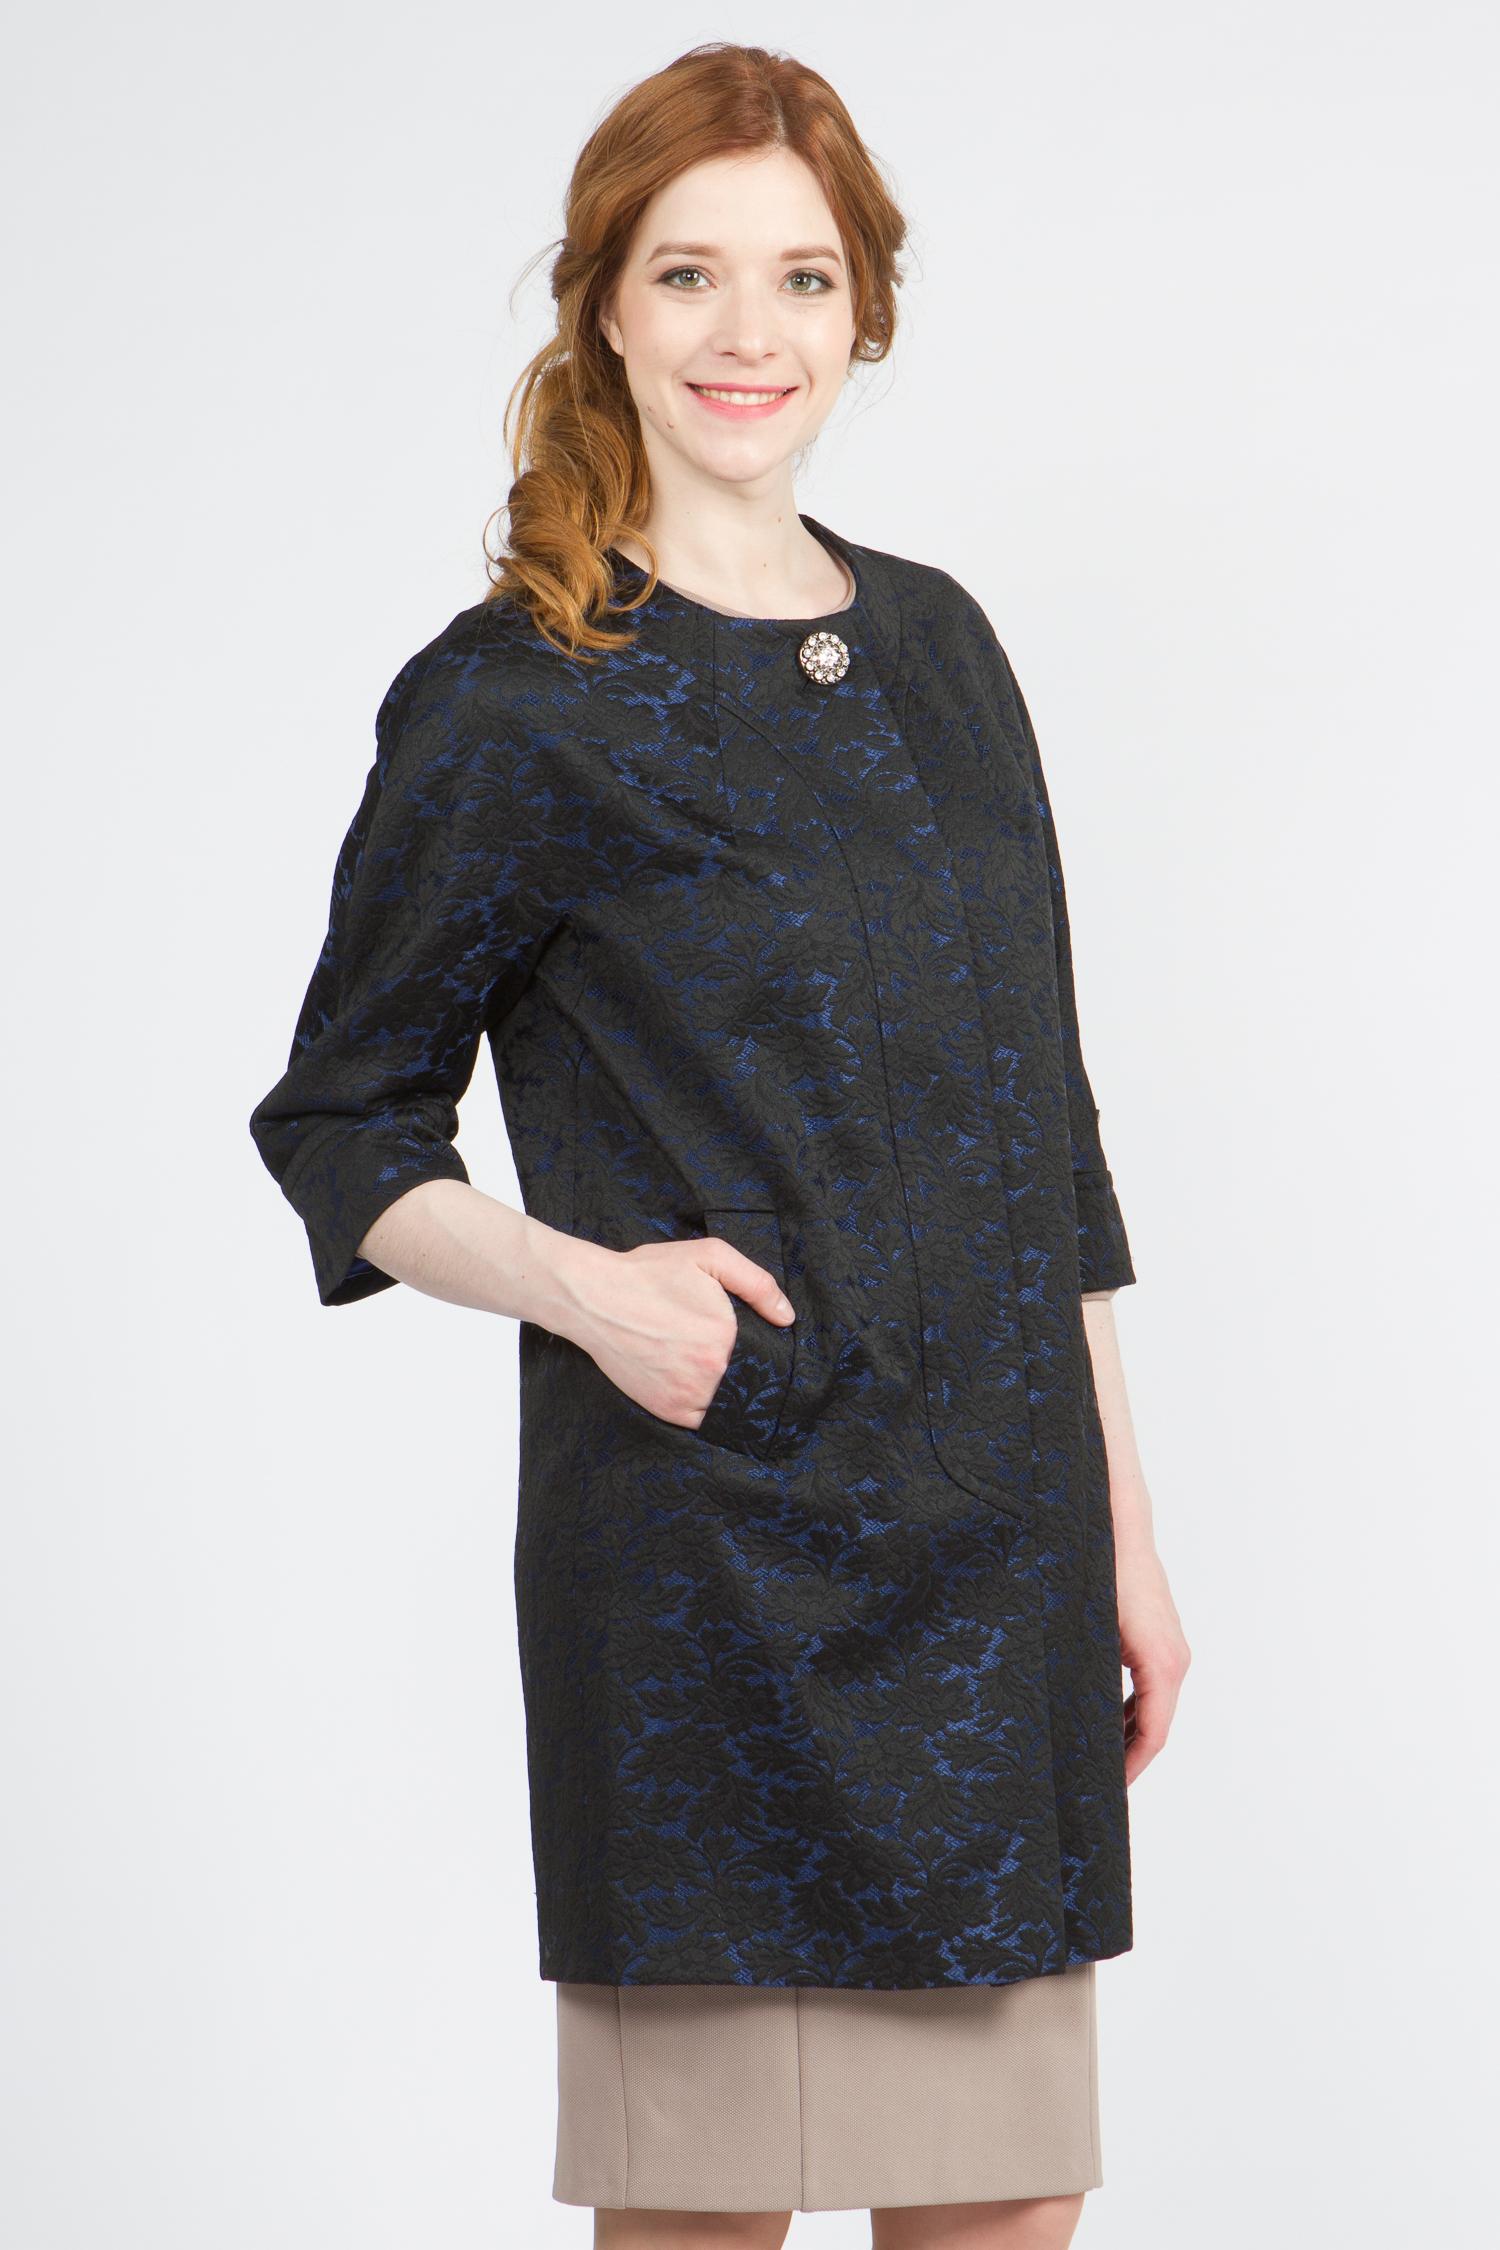 Облегченное женское пальто из текстиля без воротника, без отделки